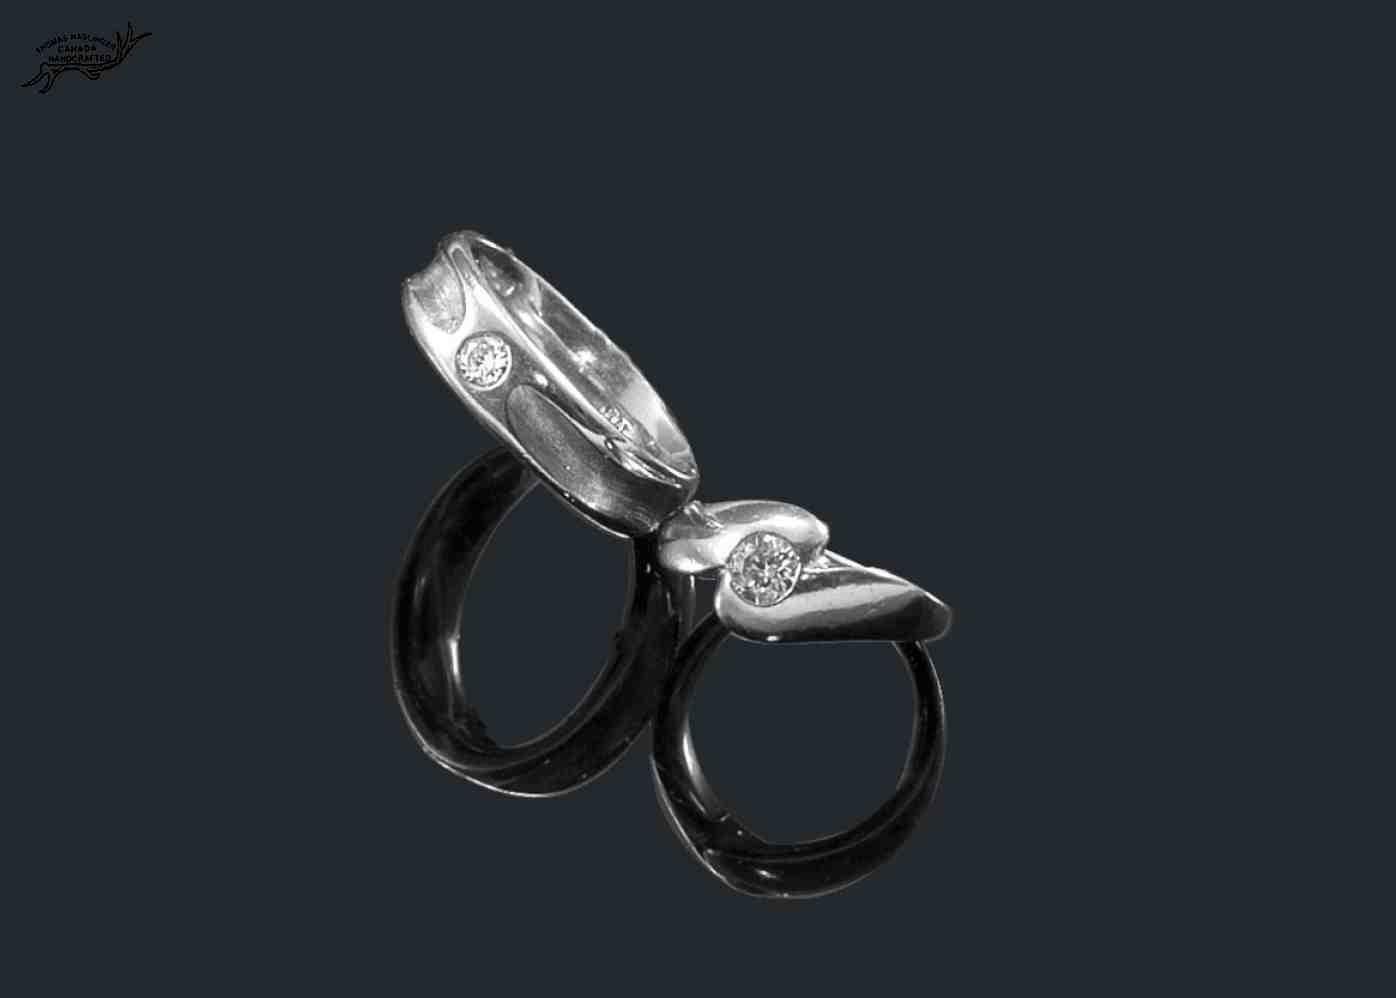 Platinum wedding bands with princess cut diamonds